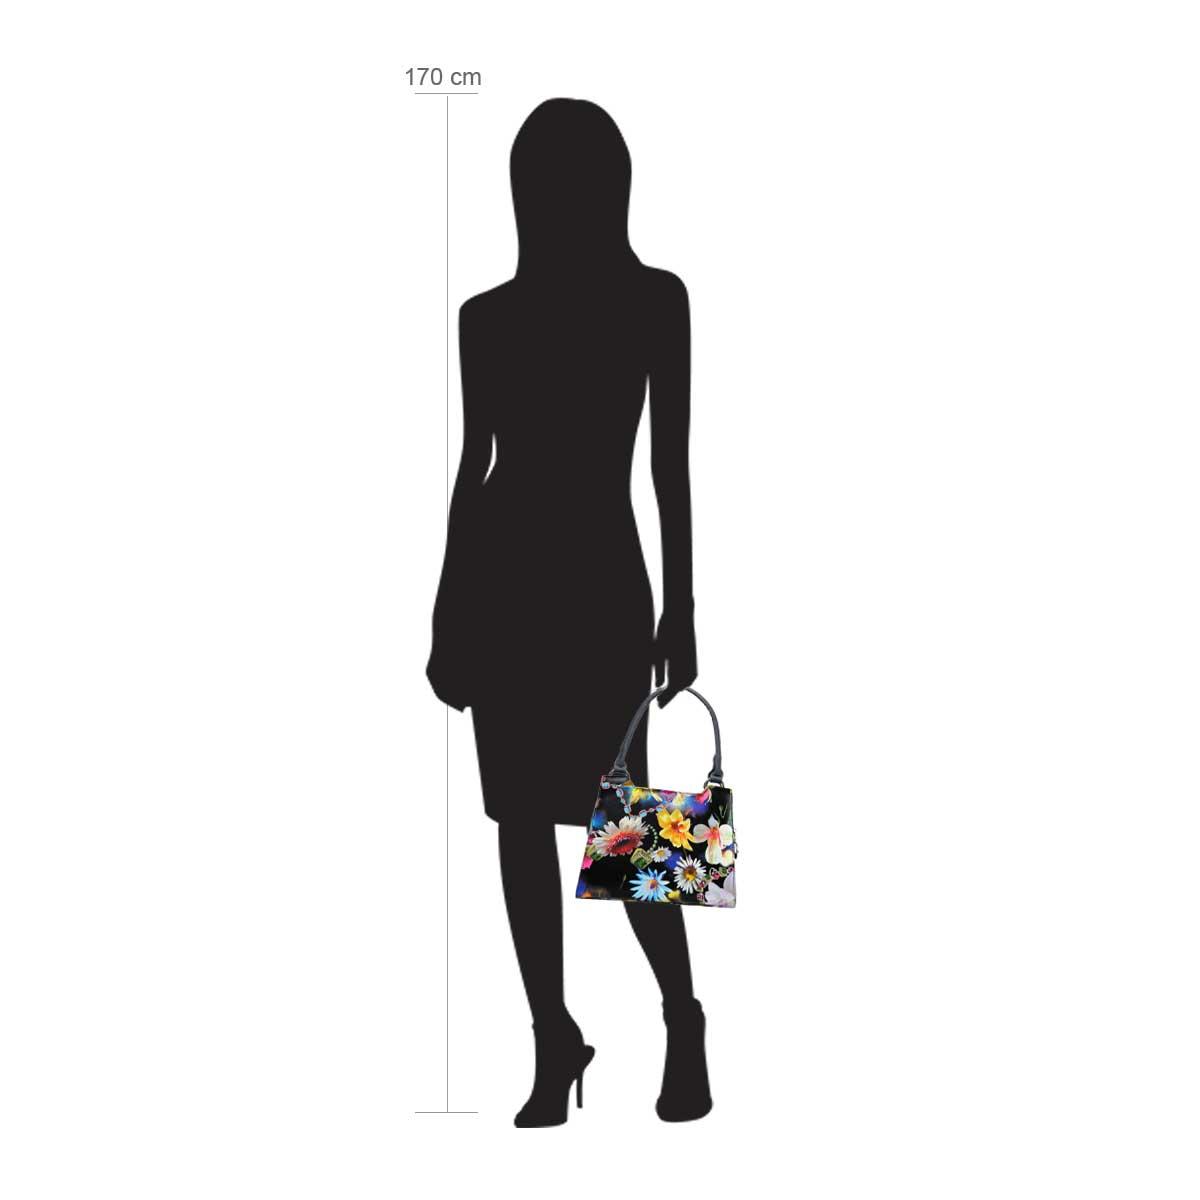 Modellpuppe 170 cm groß zeigt die Handtaschengröße an der Person Modell:Bahia